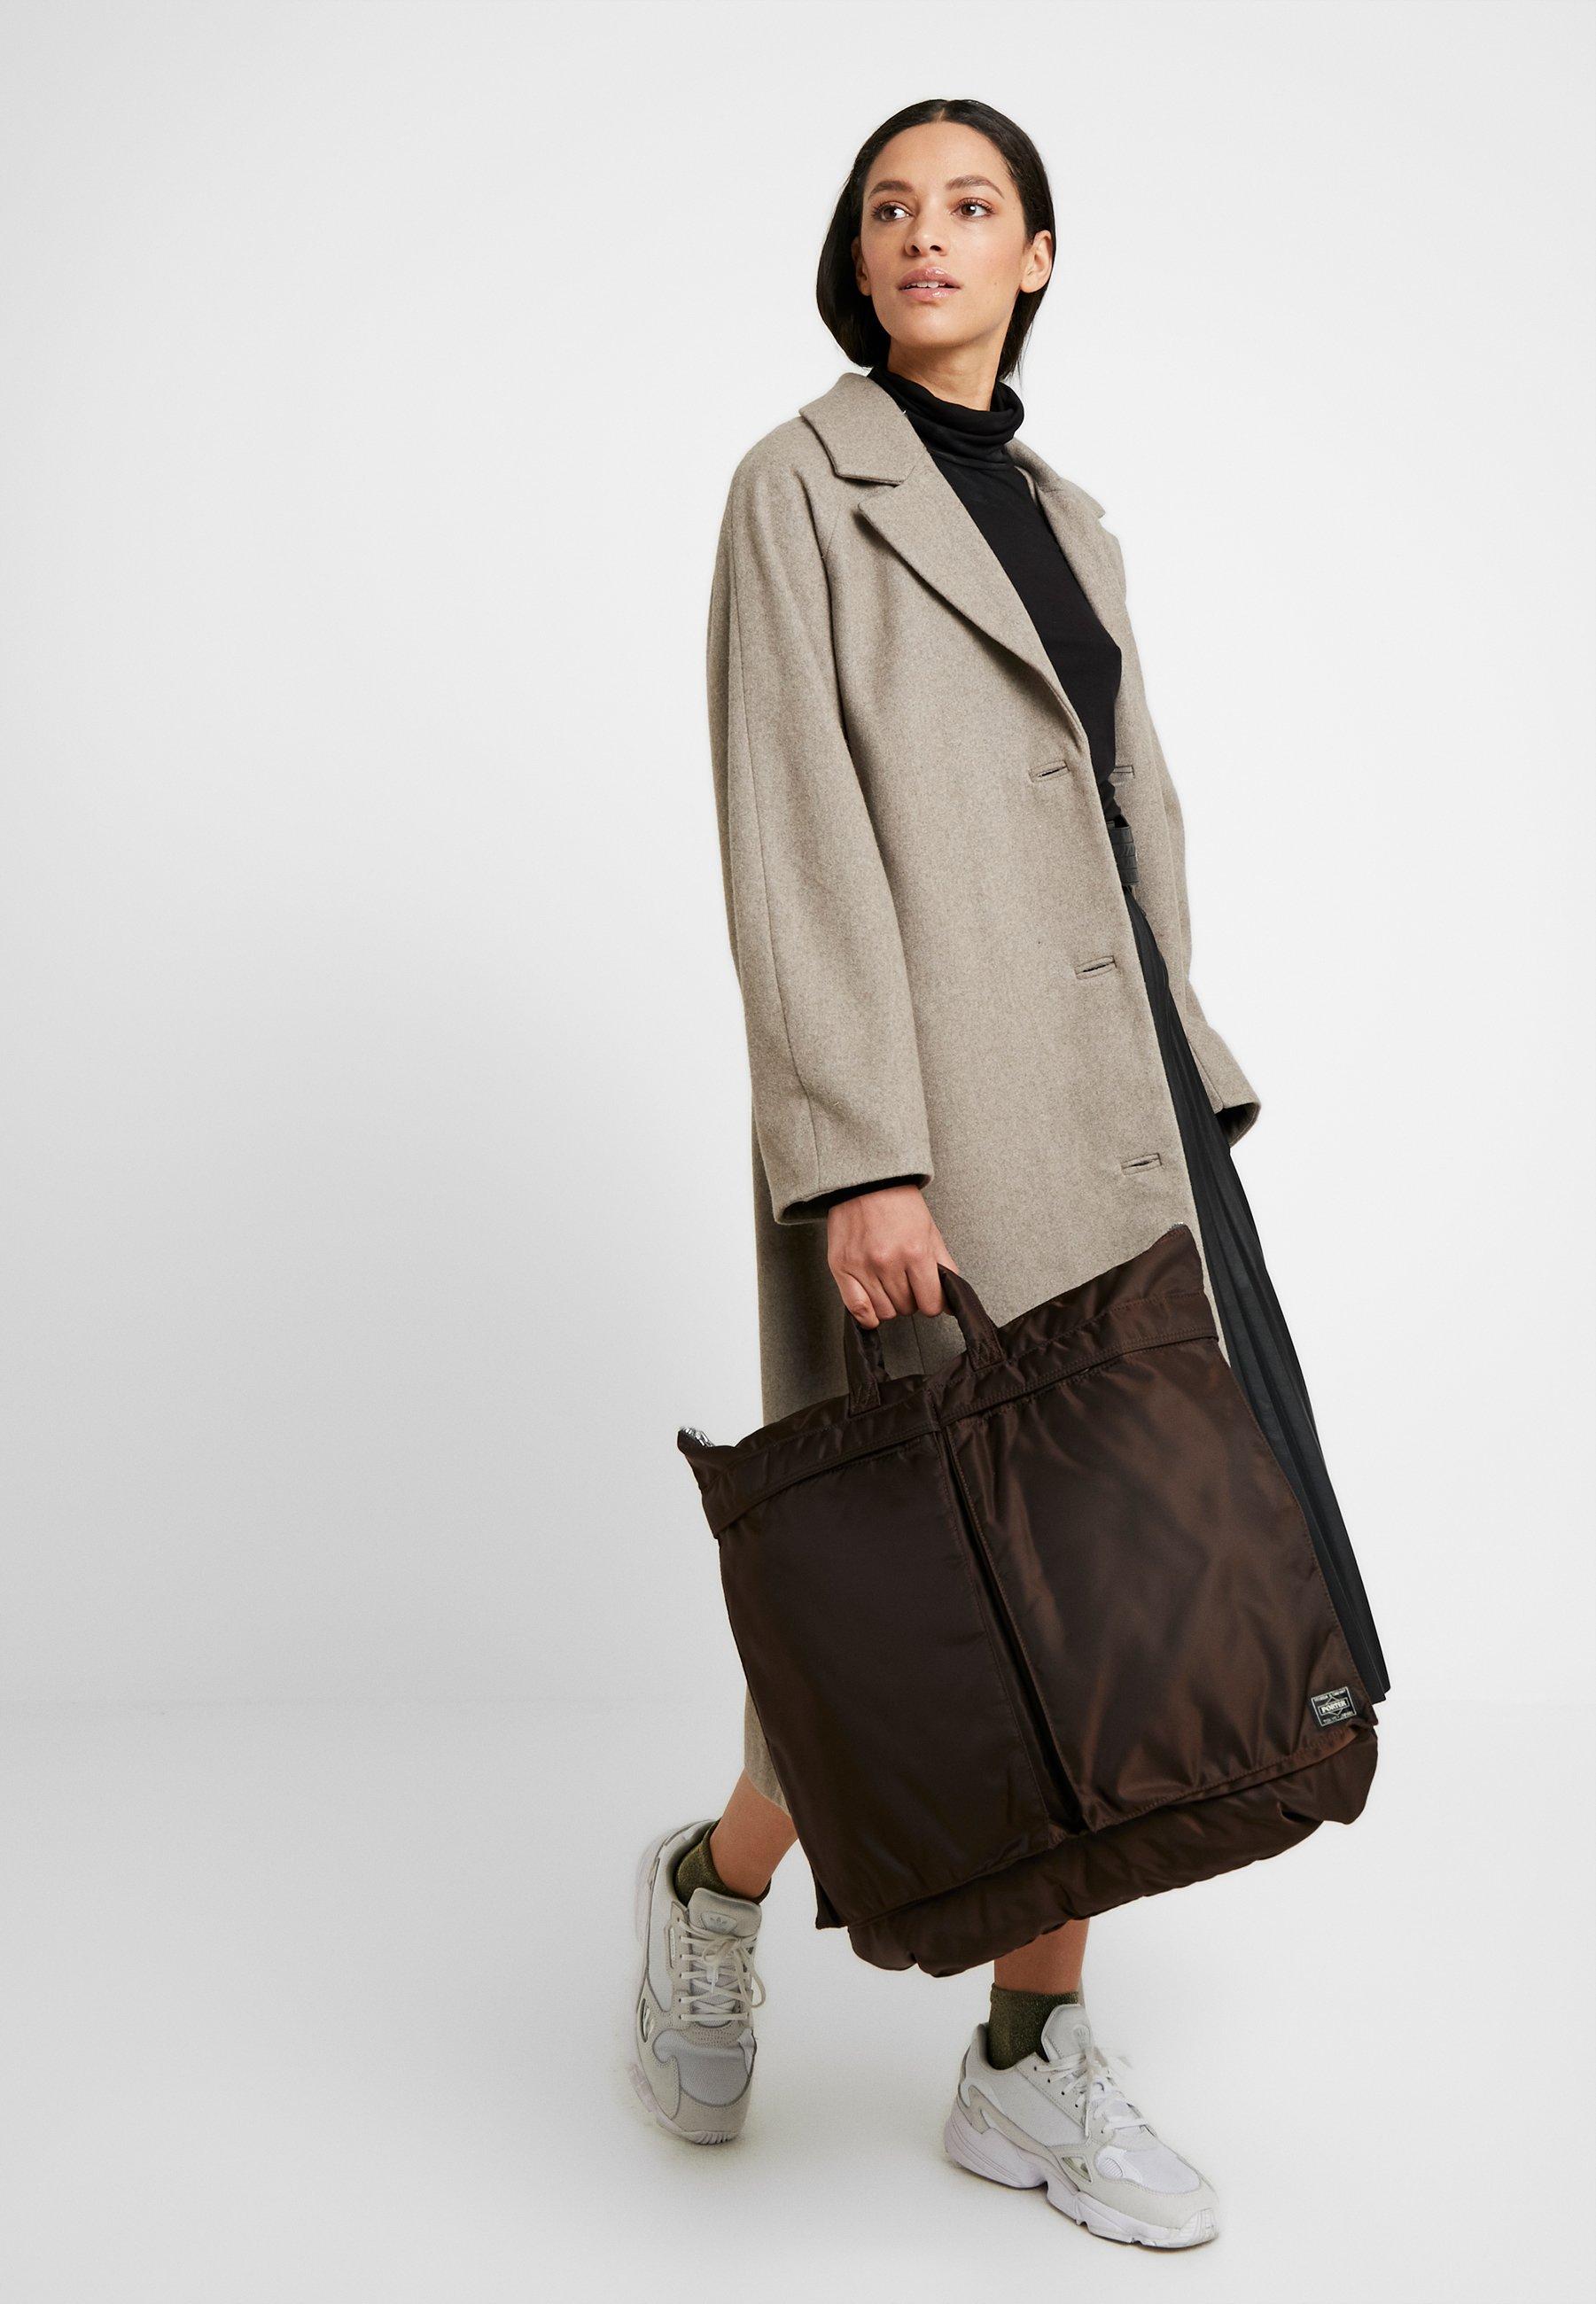 Nexus Vii. Porter Yoshida X Vii - Shopping Bag Brown mb8Y2ml